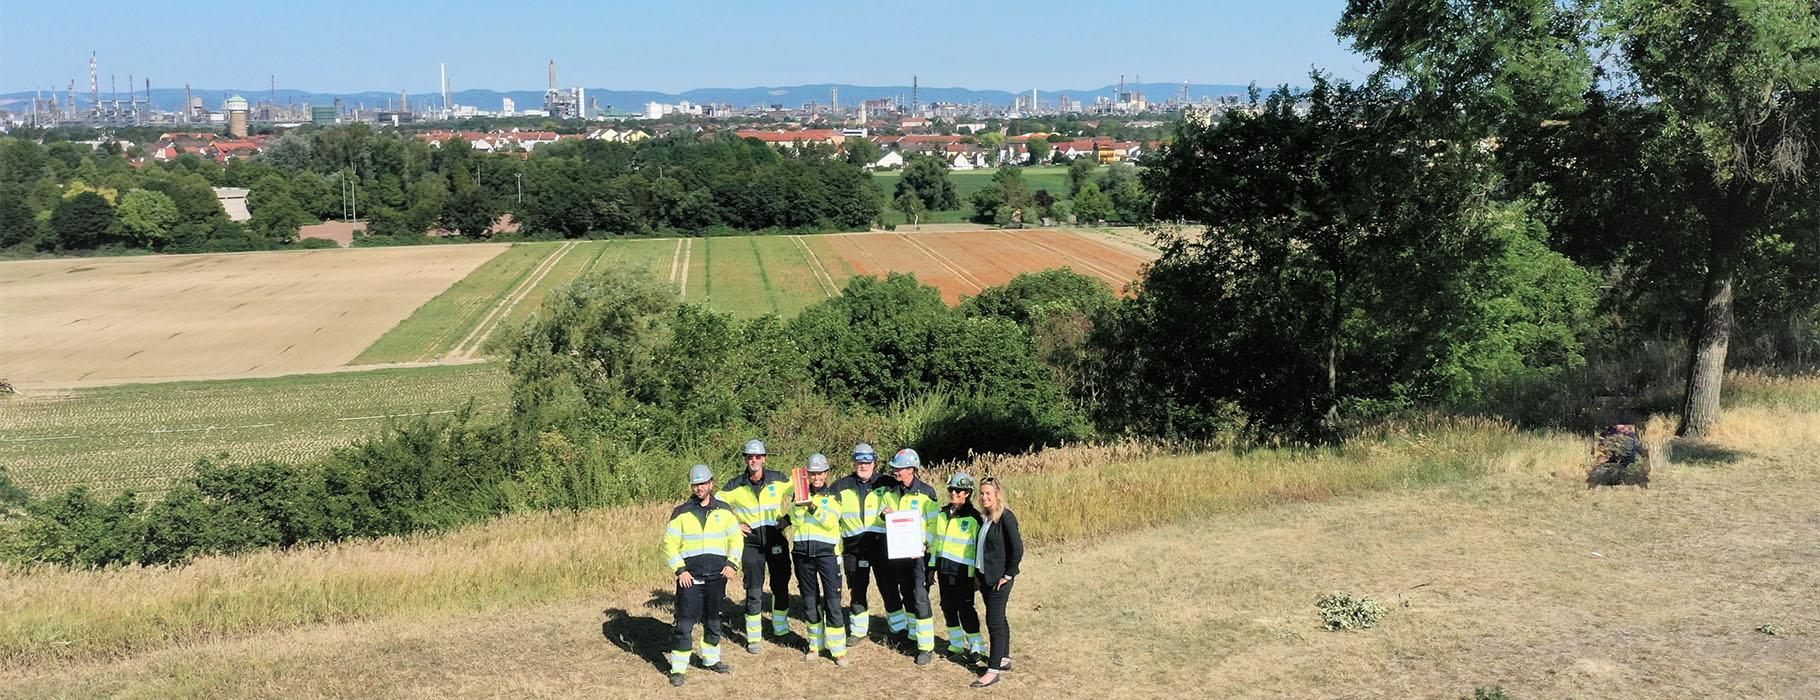 BASF-Kontraktorenaward-Teil-des-Mplus-Gewinnerteams-mit-Pokal-und-Urkunde